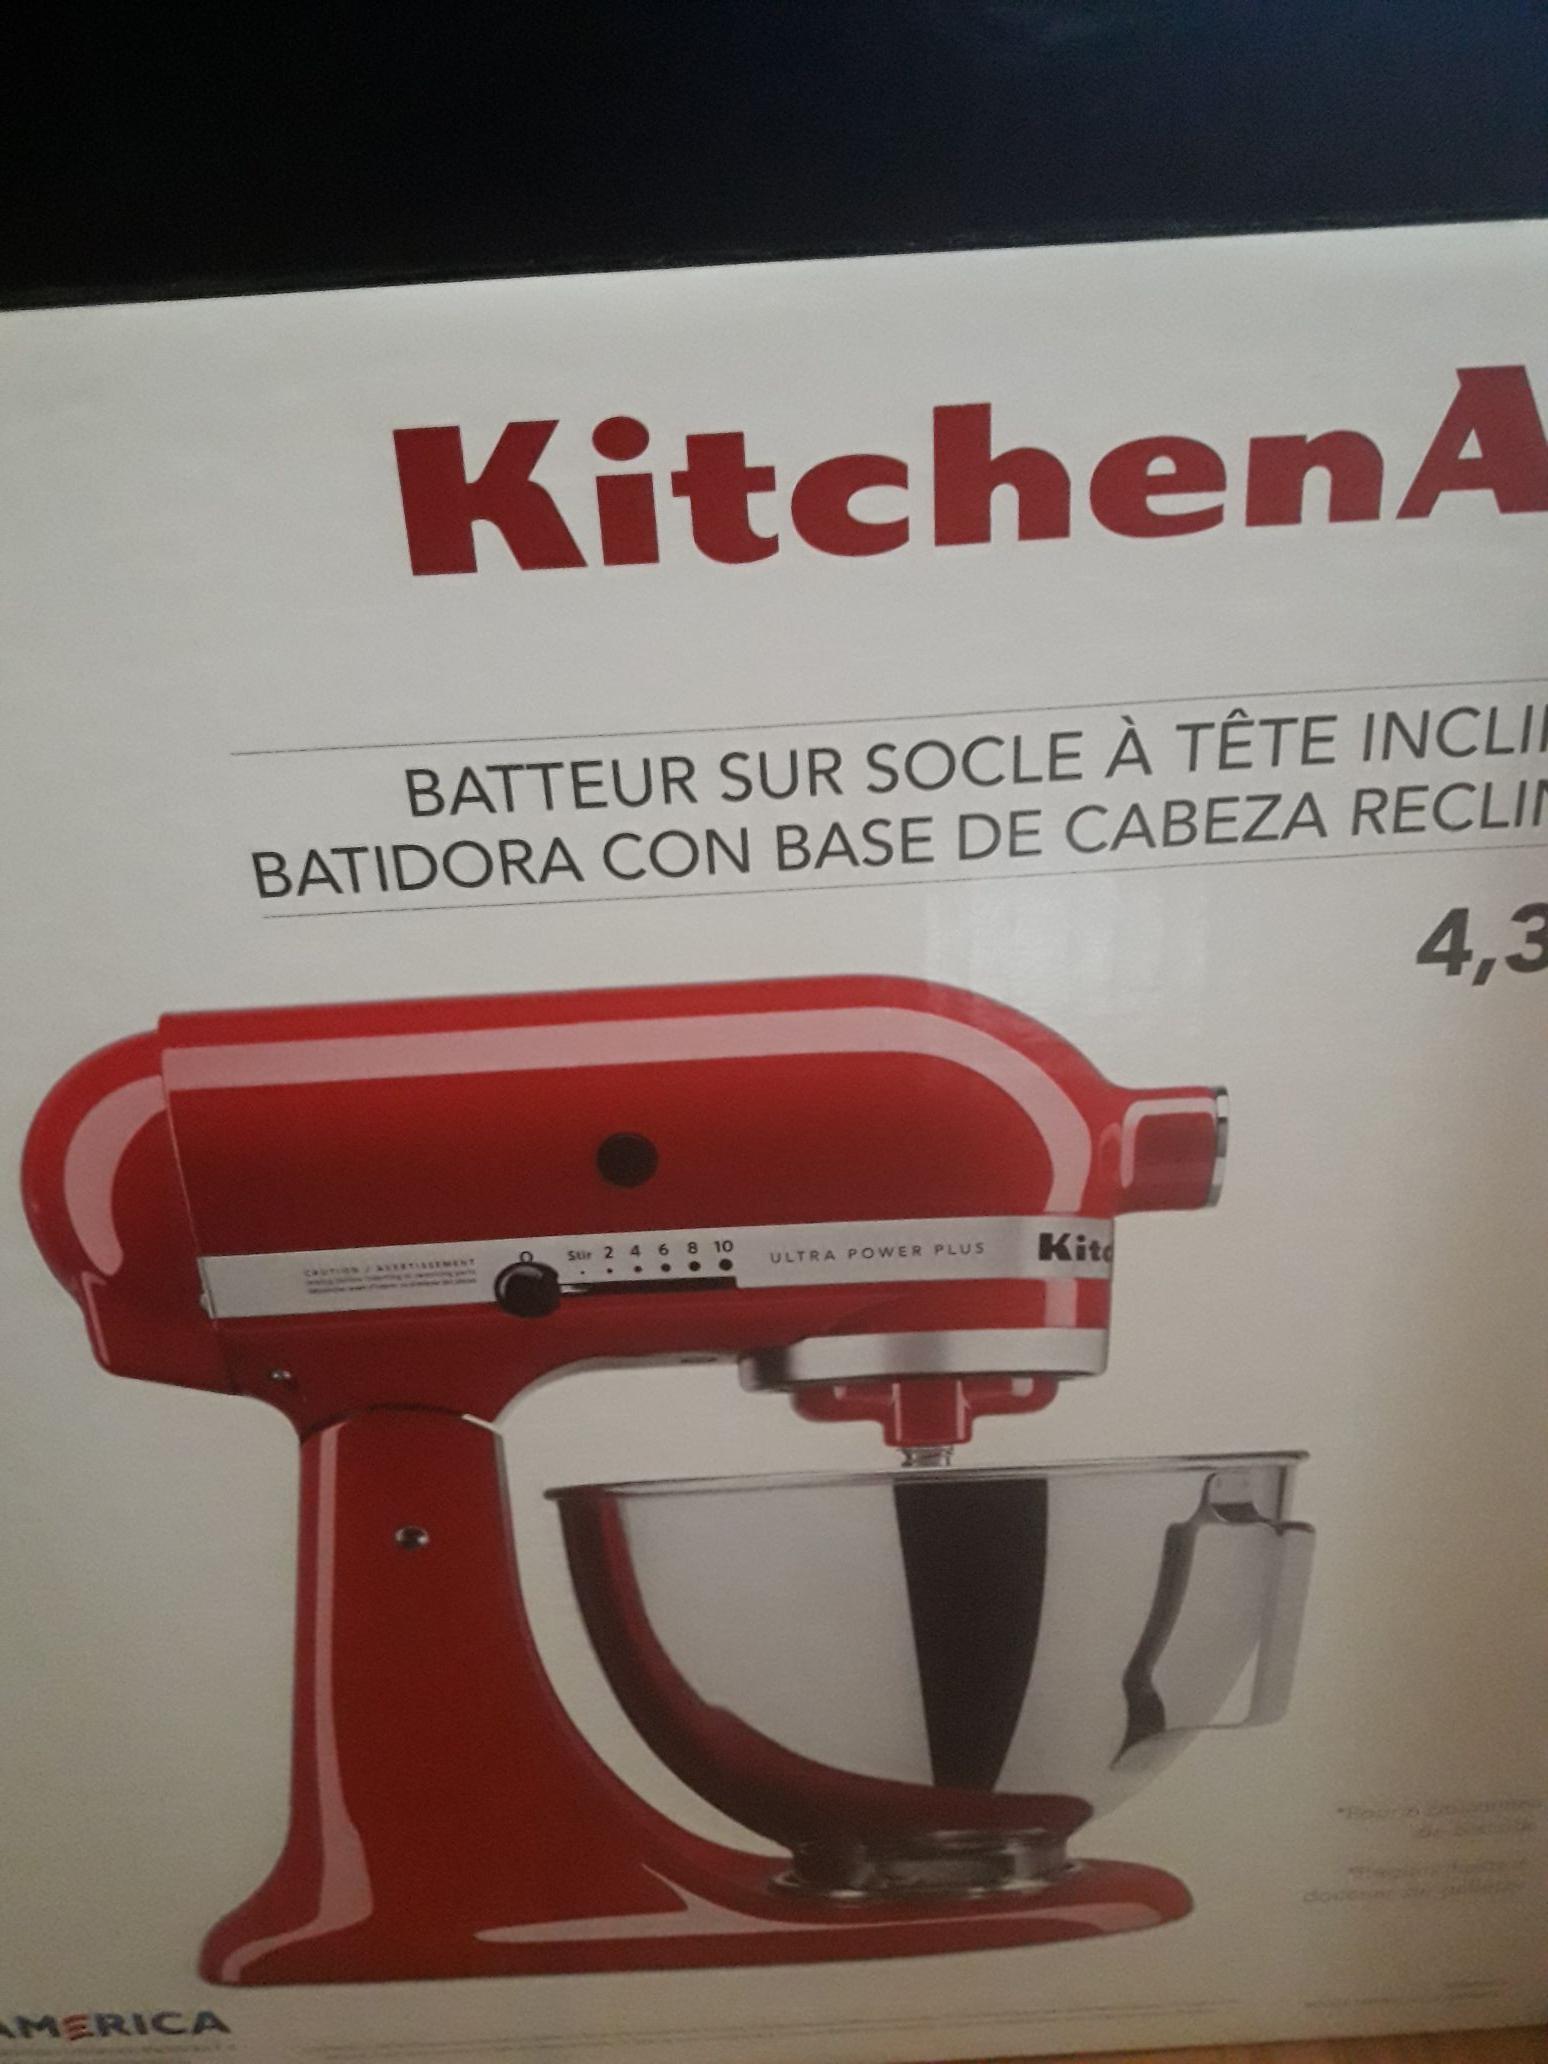 Sears: Batidora kitchen aid. Con el 40% descuento (más el 10 con el revolvente)